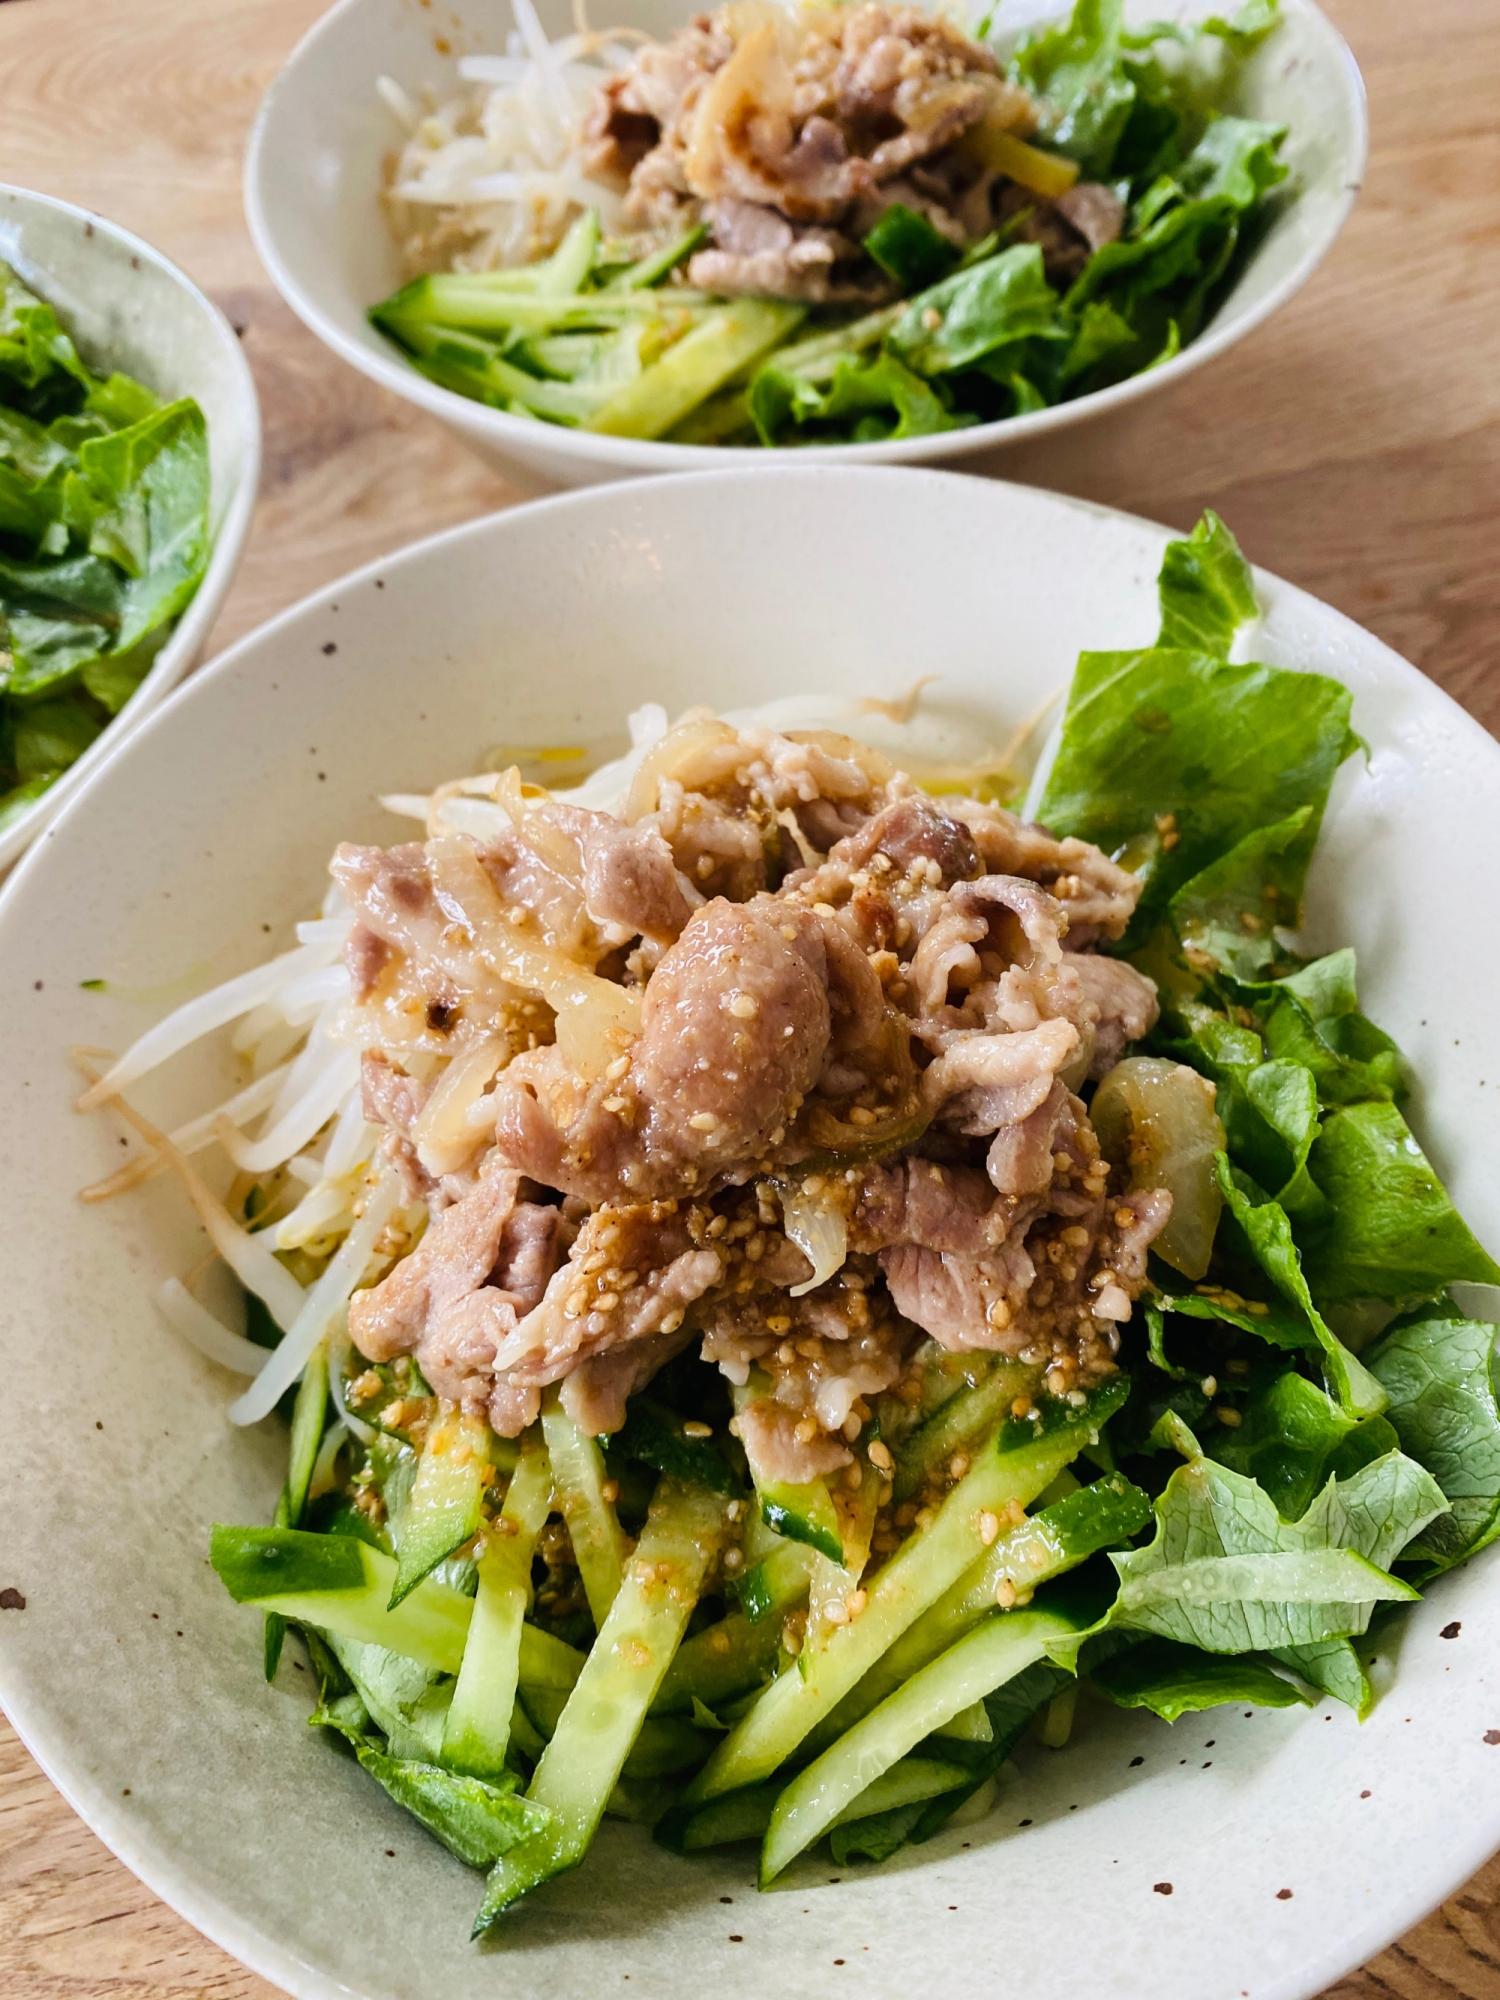 がっつり食べる豚こま切れ肉のラーメンサラダ